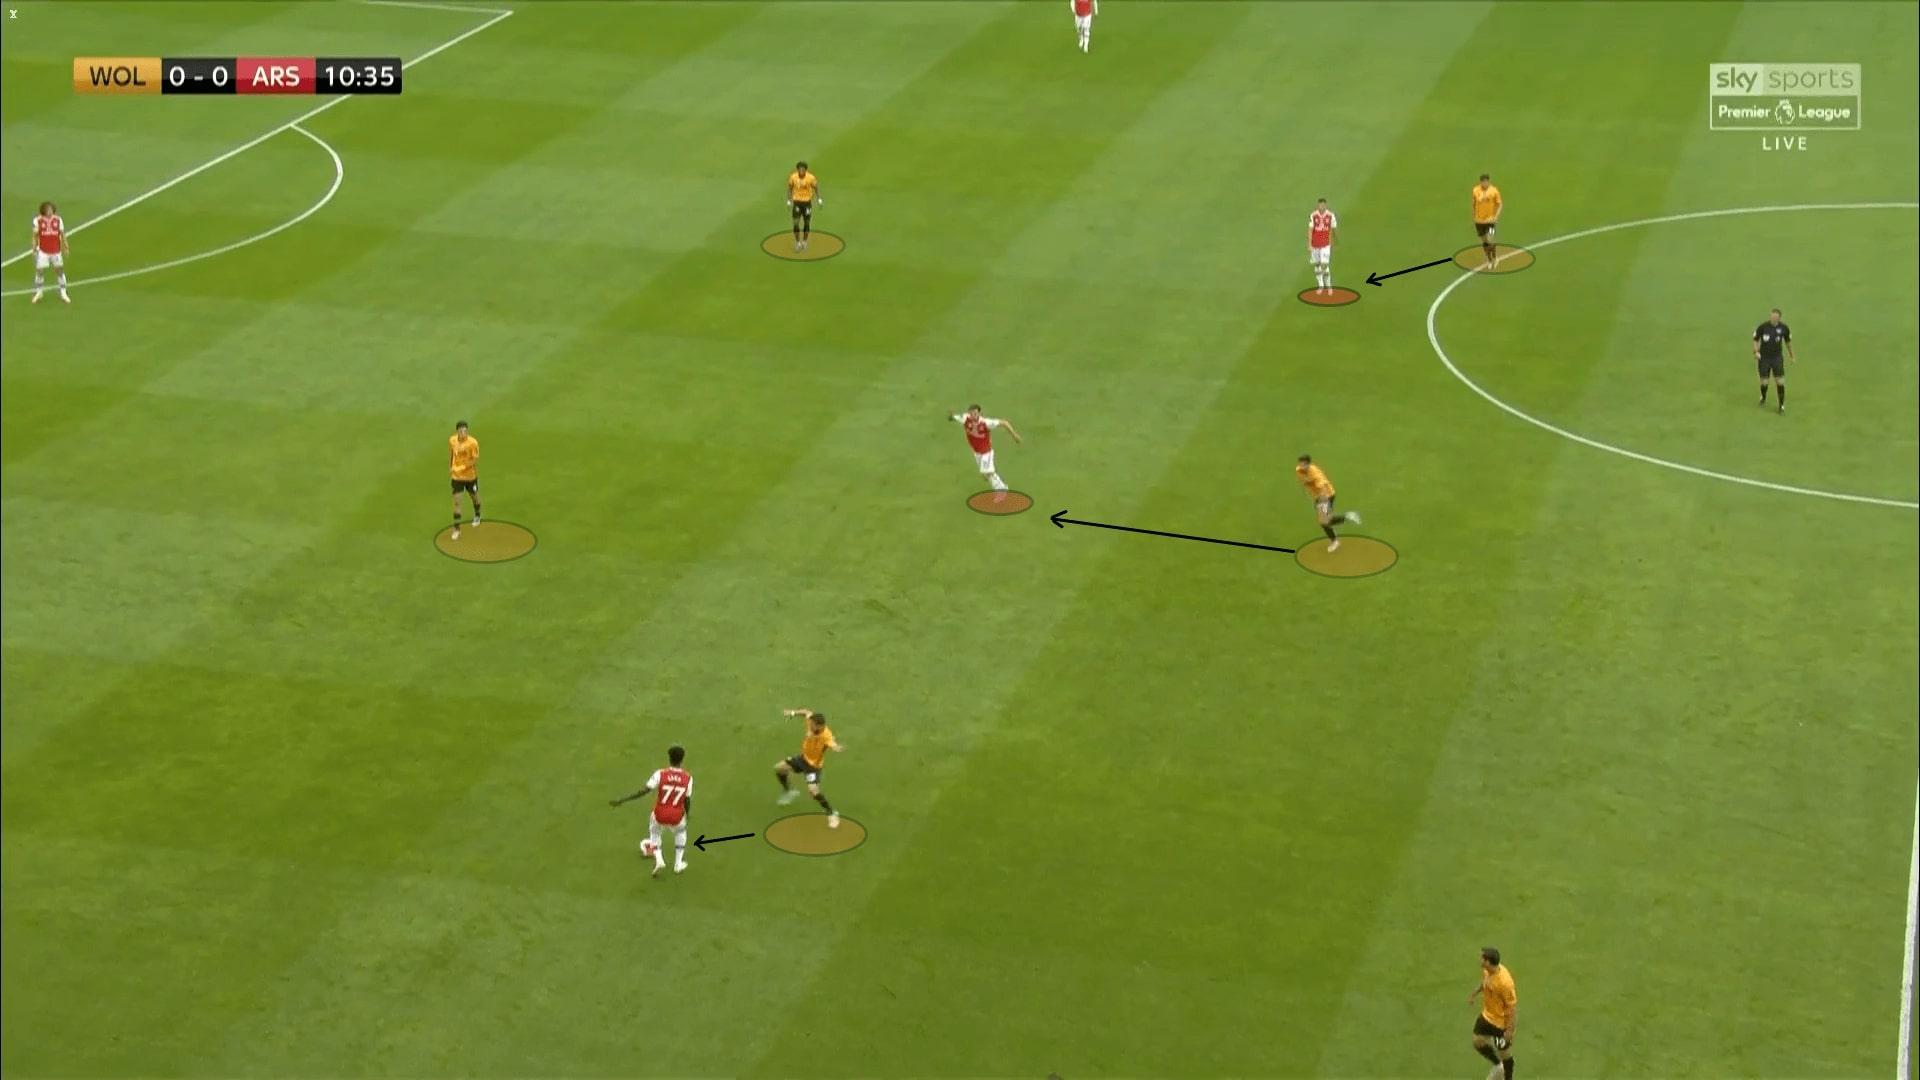 Premier League 2019/20: Wolves vs Arsenal - tactical analysis tactics